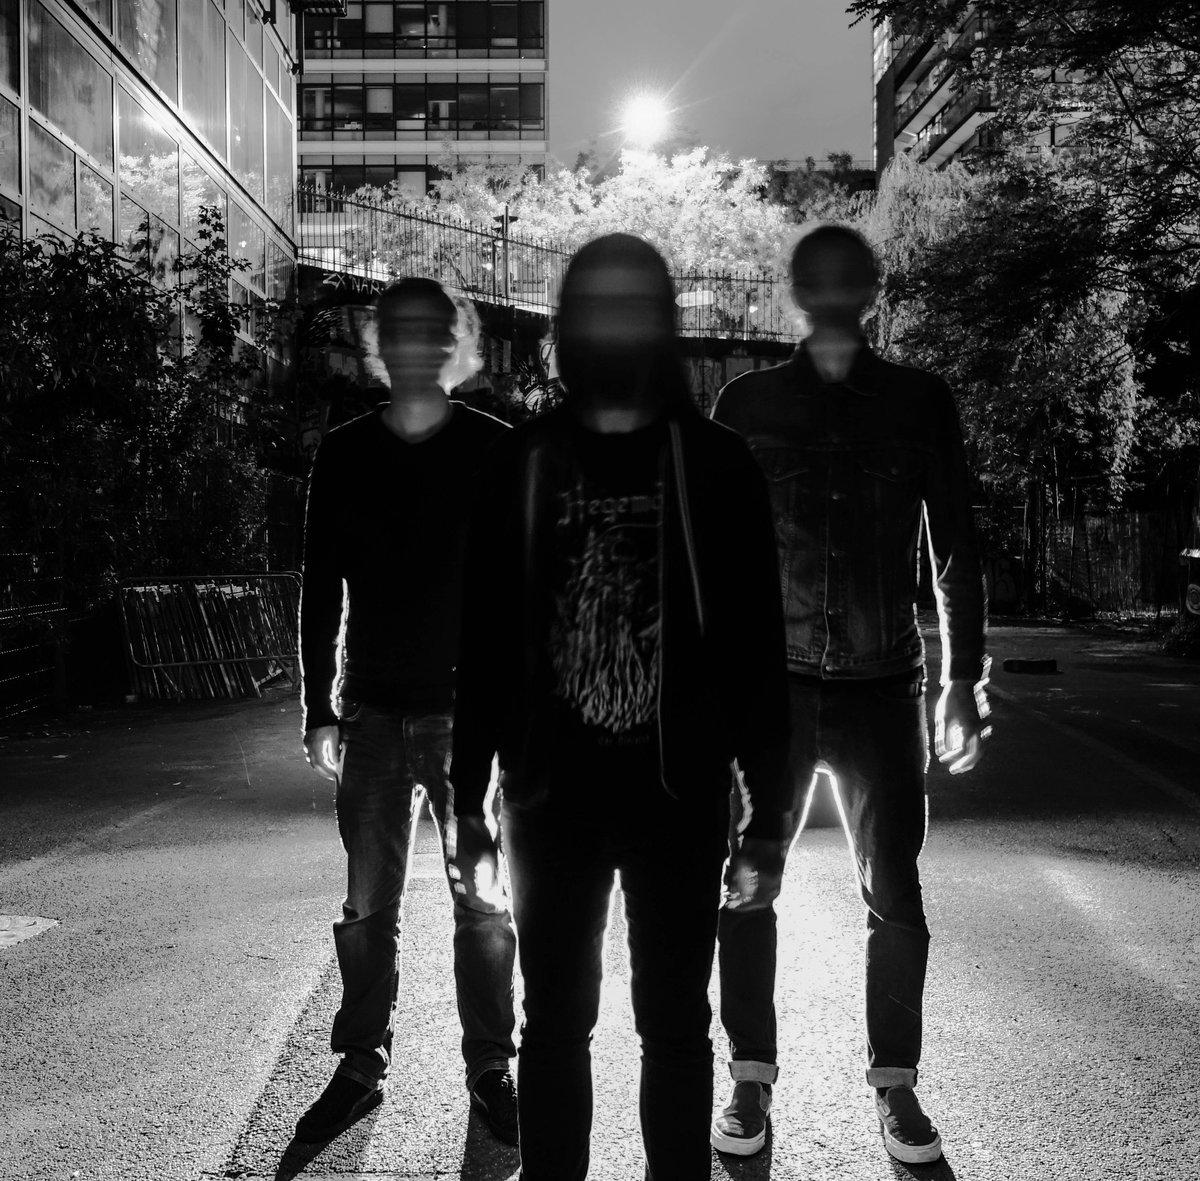 Le trio NATURE MORTE baignant dans l'obscurité.